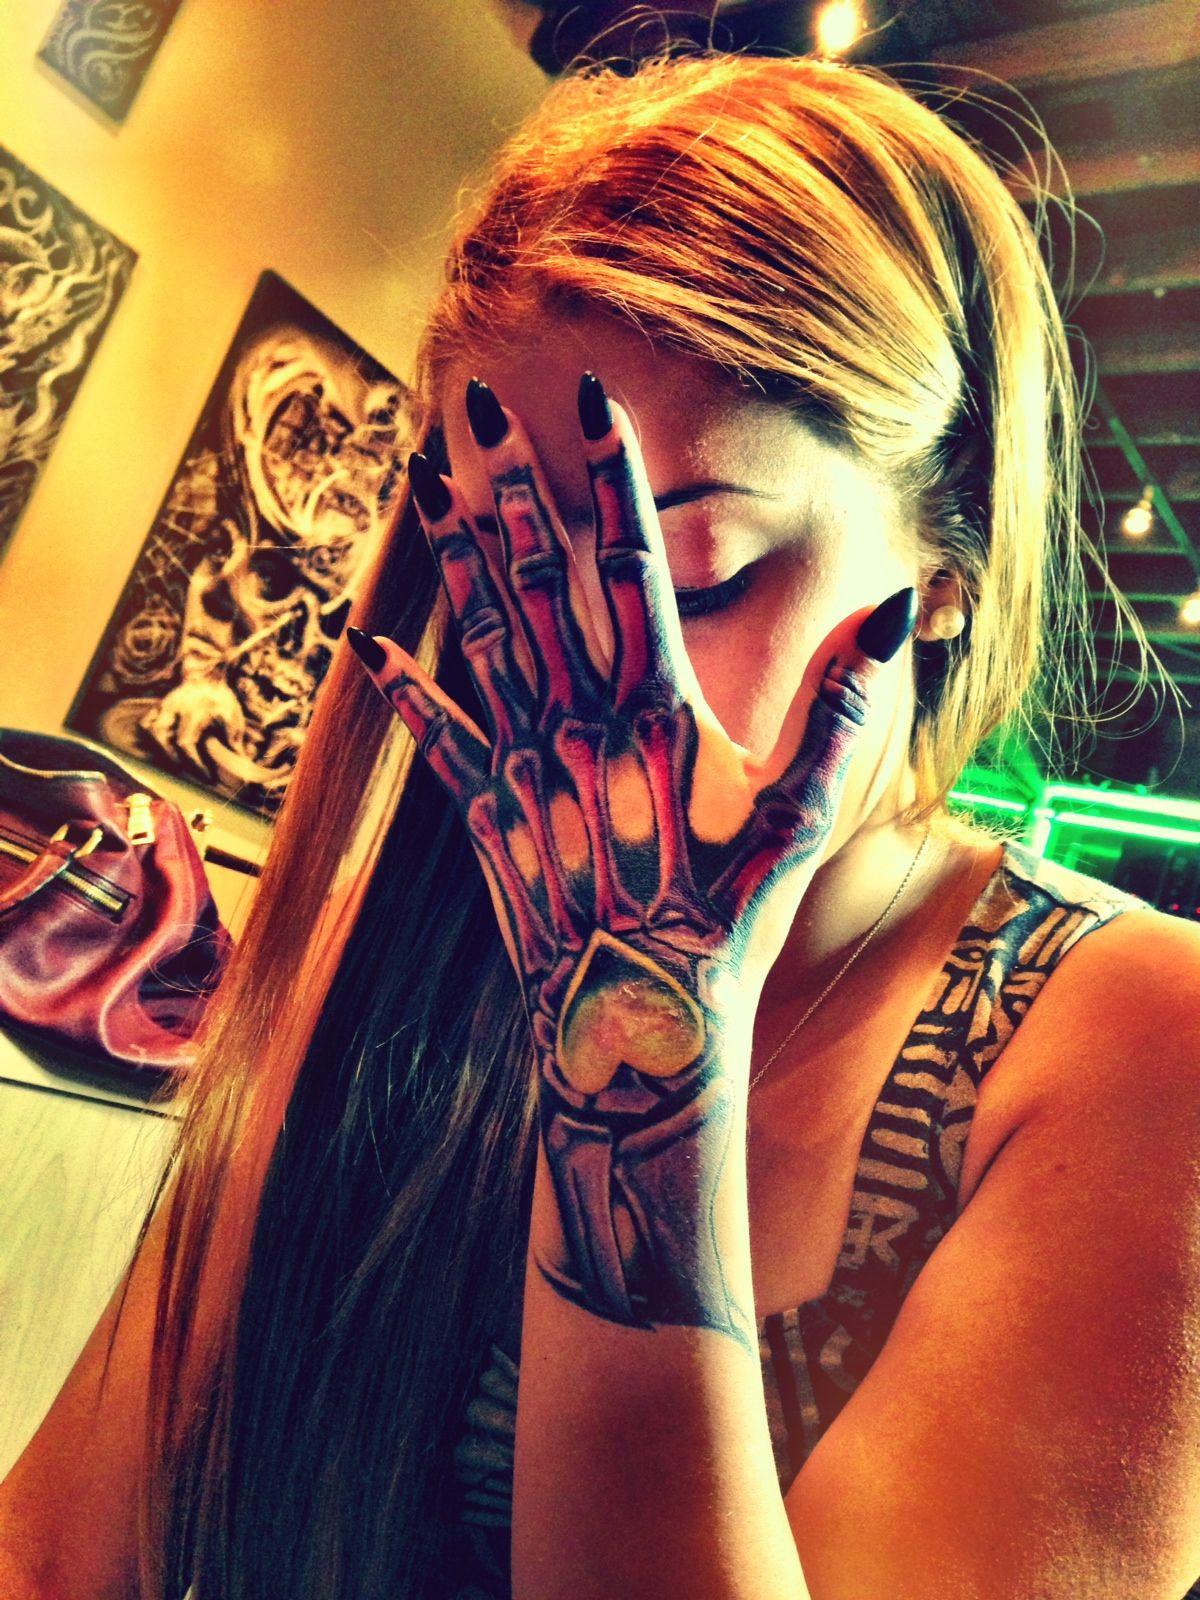 Girl knuckle tattoo ideas skeleton hand tattoo  tattoos  pinterest  skeleton hand tattoo